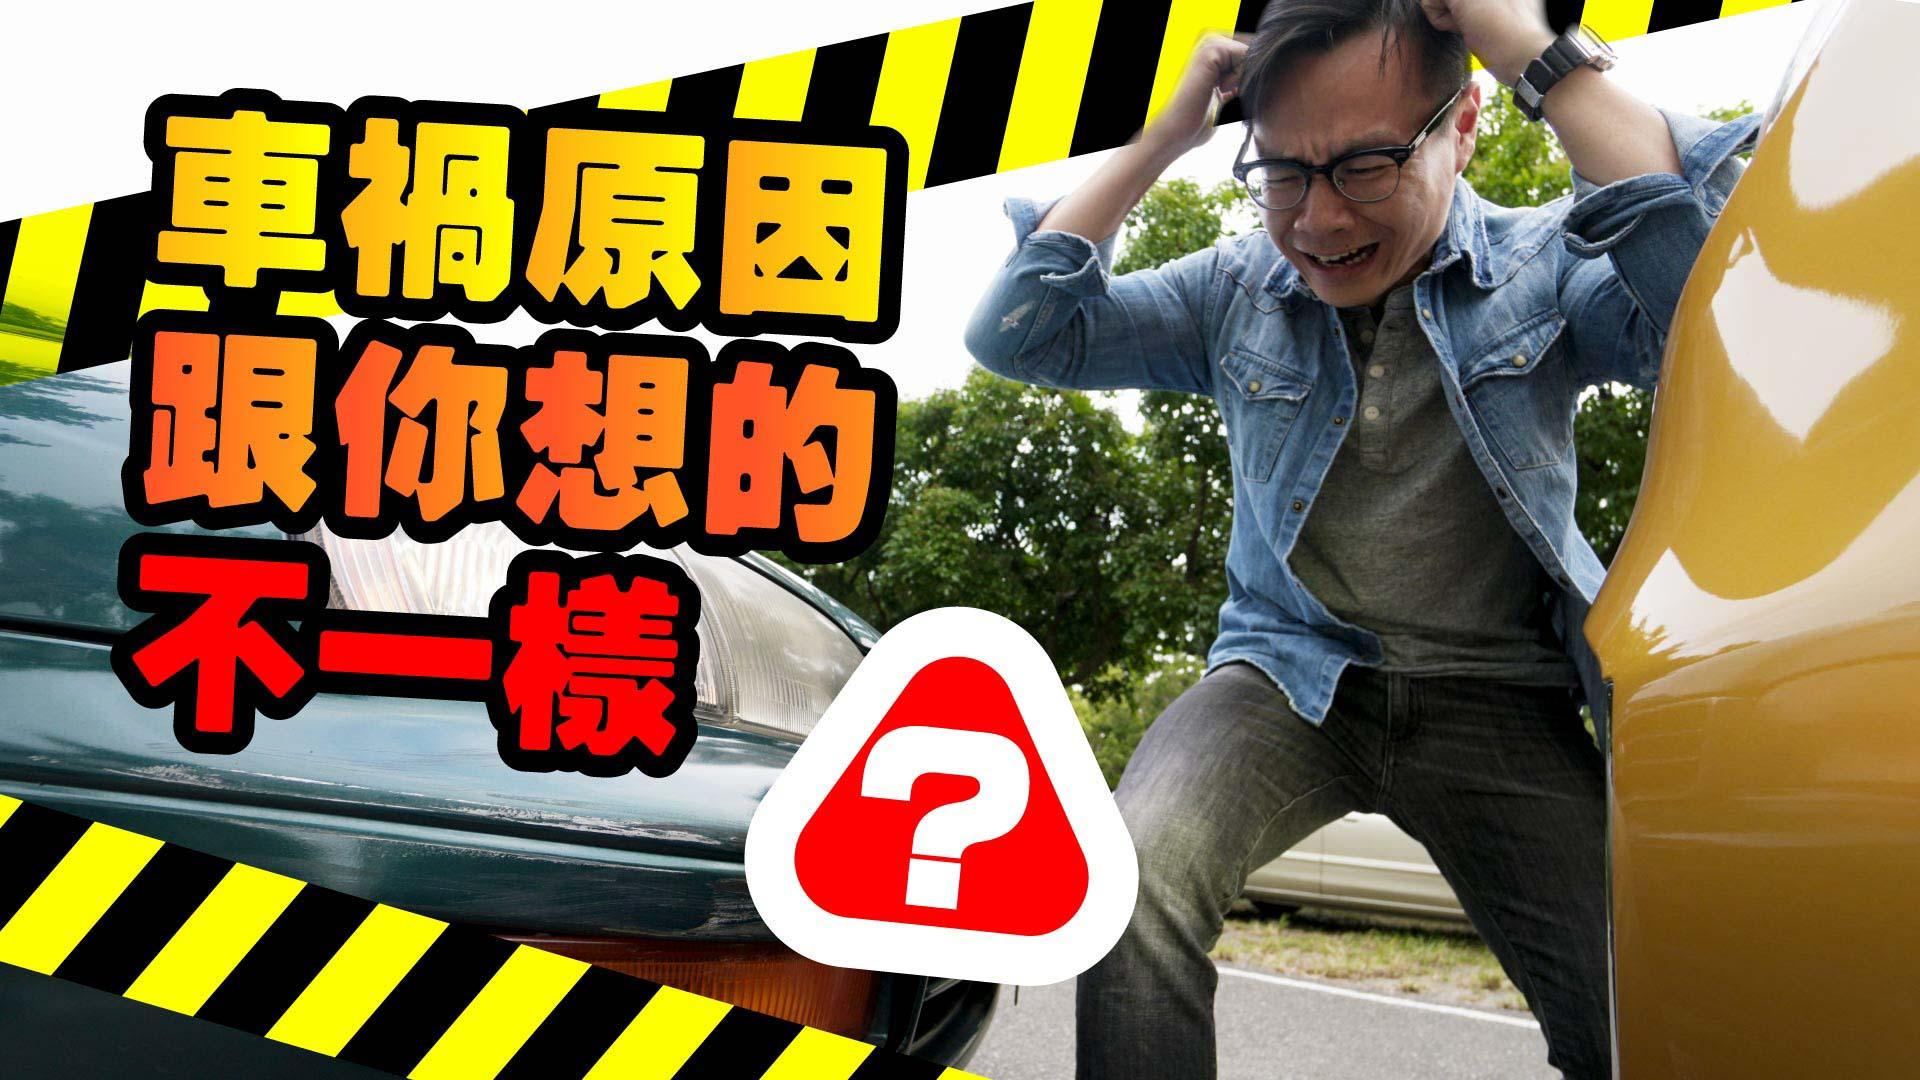 發生車禍的原因?可能跟你想得不一樣呦!